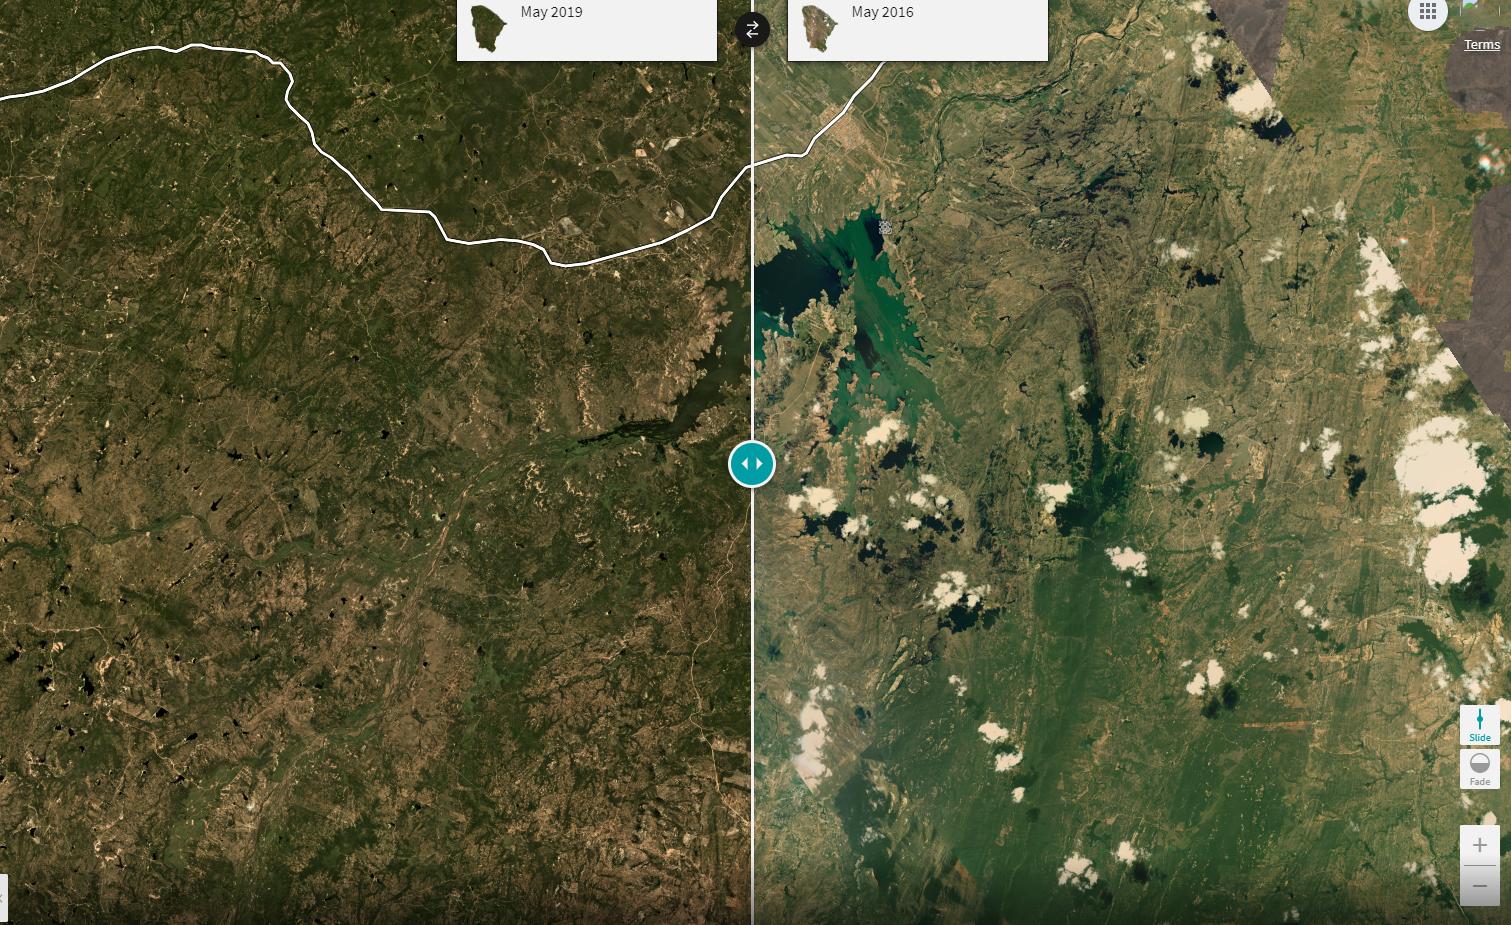 Monitoramento: imagens de satélites começam a ser utilizadas nos recursos hídricos